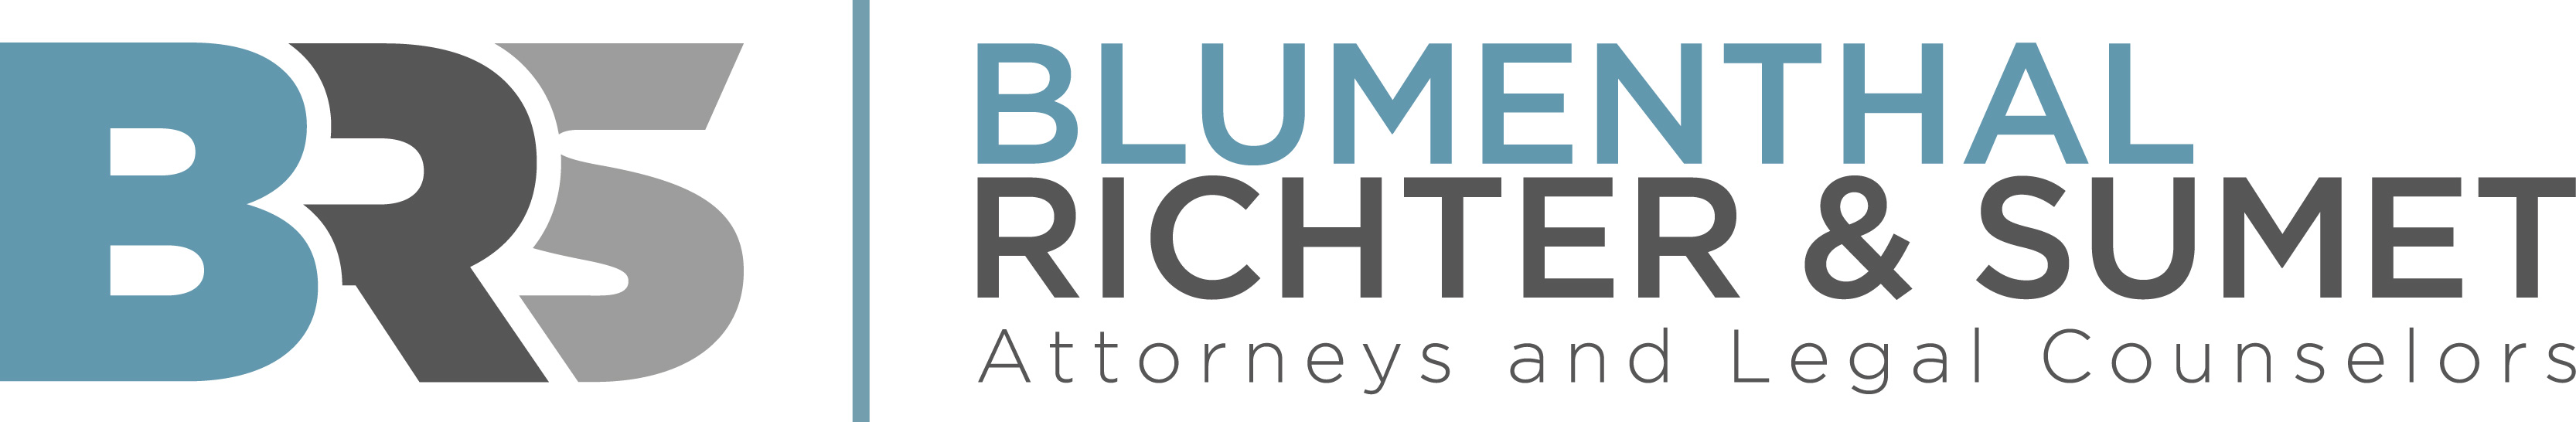 Blumenthal Richter & Sumet logo